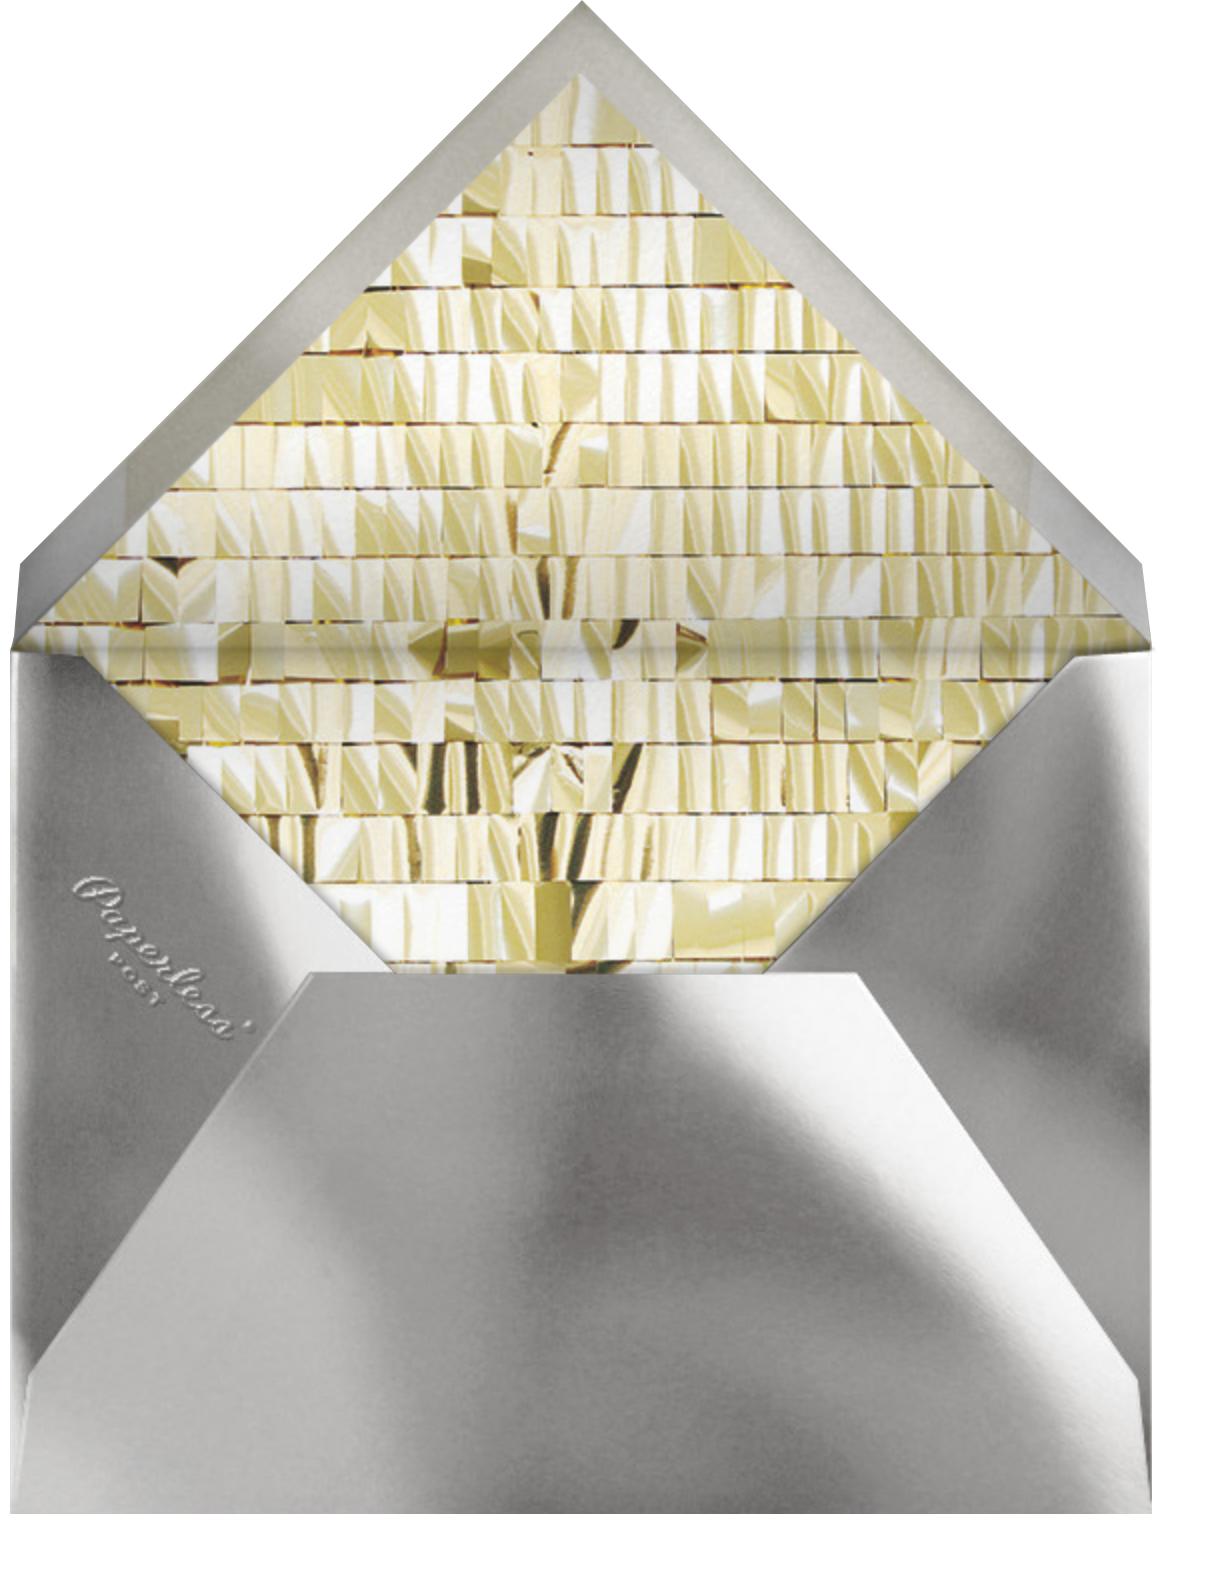 Shine Photo - Sixteen, Mint - CONFETTISYSTEM - Milestone  - envelope back